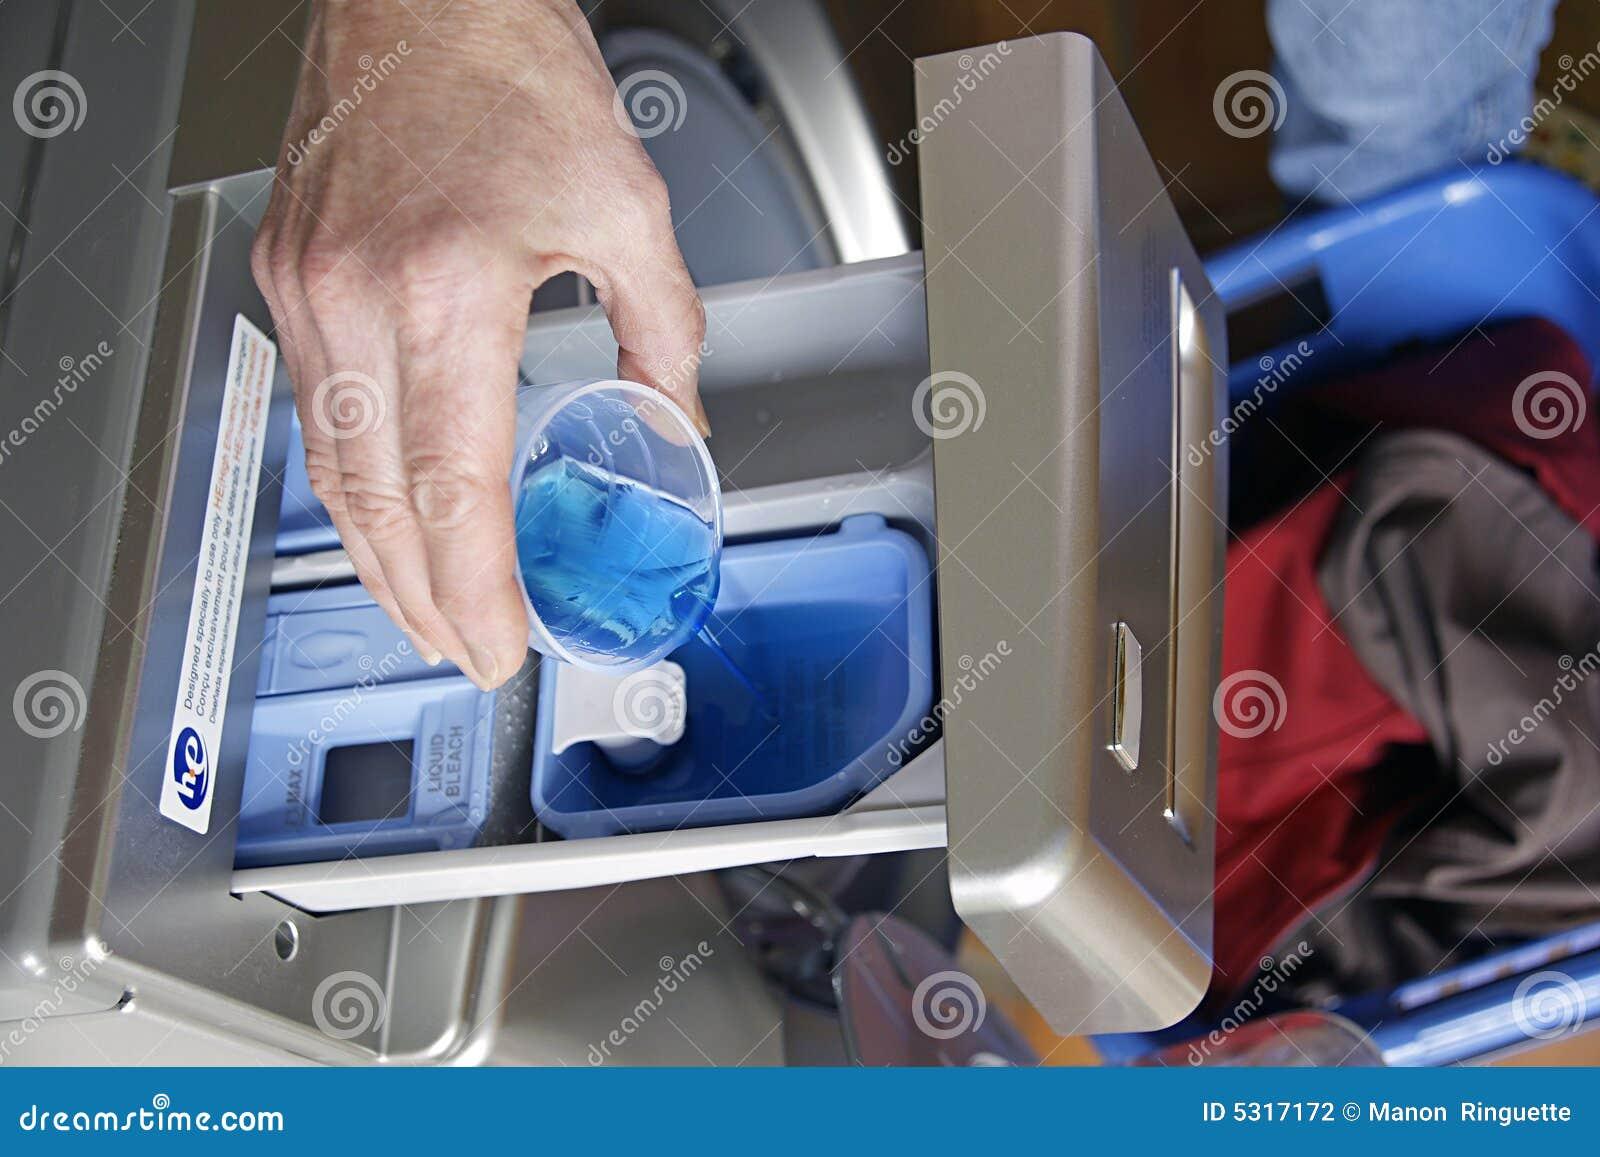 Download Detersivo Di Lavanderia Di Alta Efficienza Fotografia Stock - Immagine di macchina, vestiti: 5317172